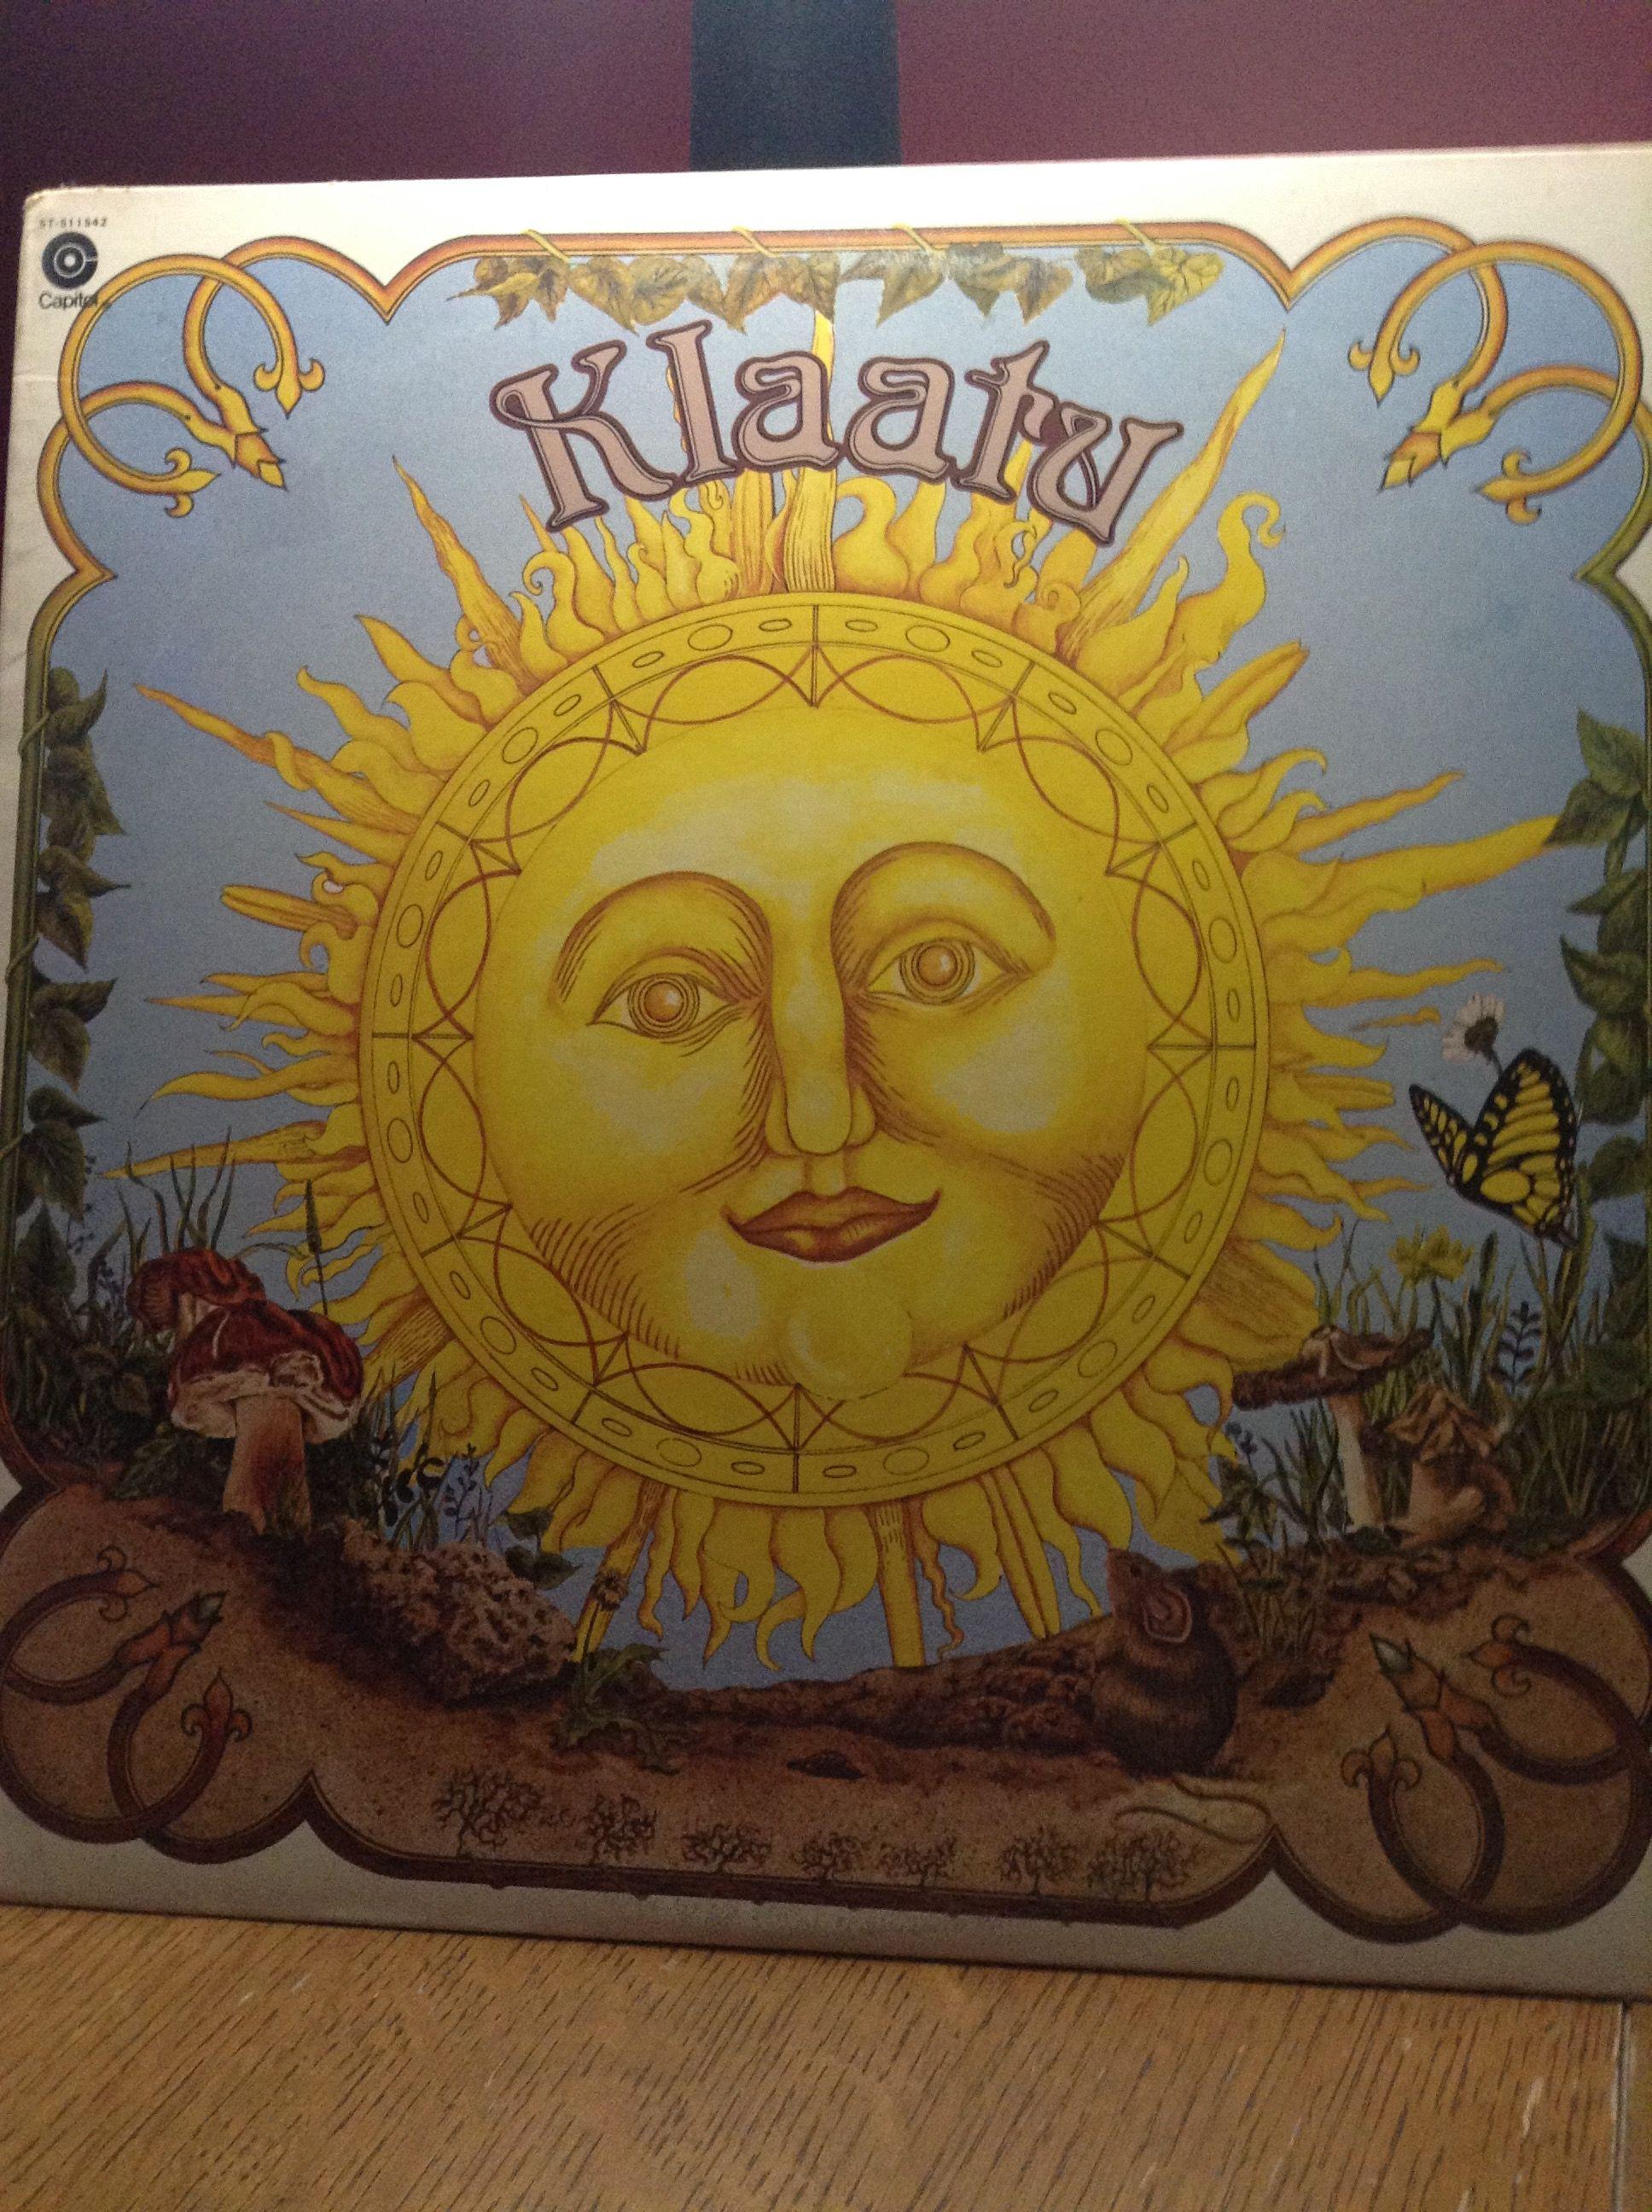 Klaatu Debut Album 1976 Album Art Classic Rock Albums Rock